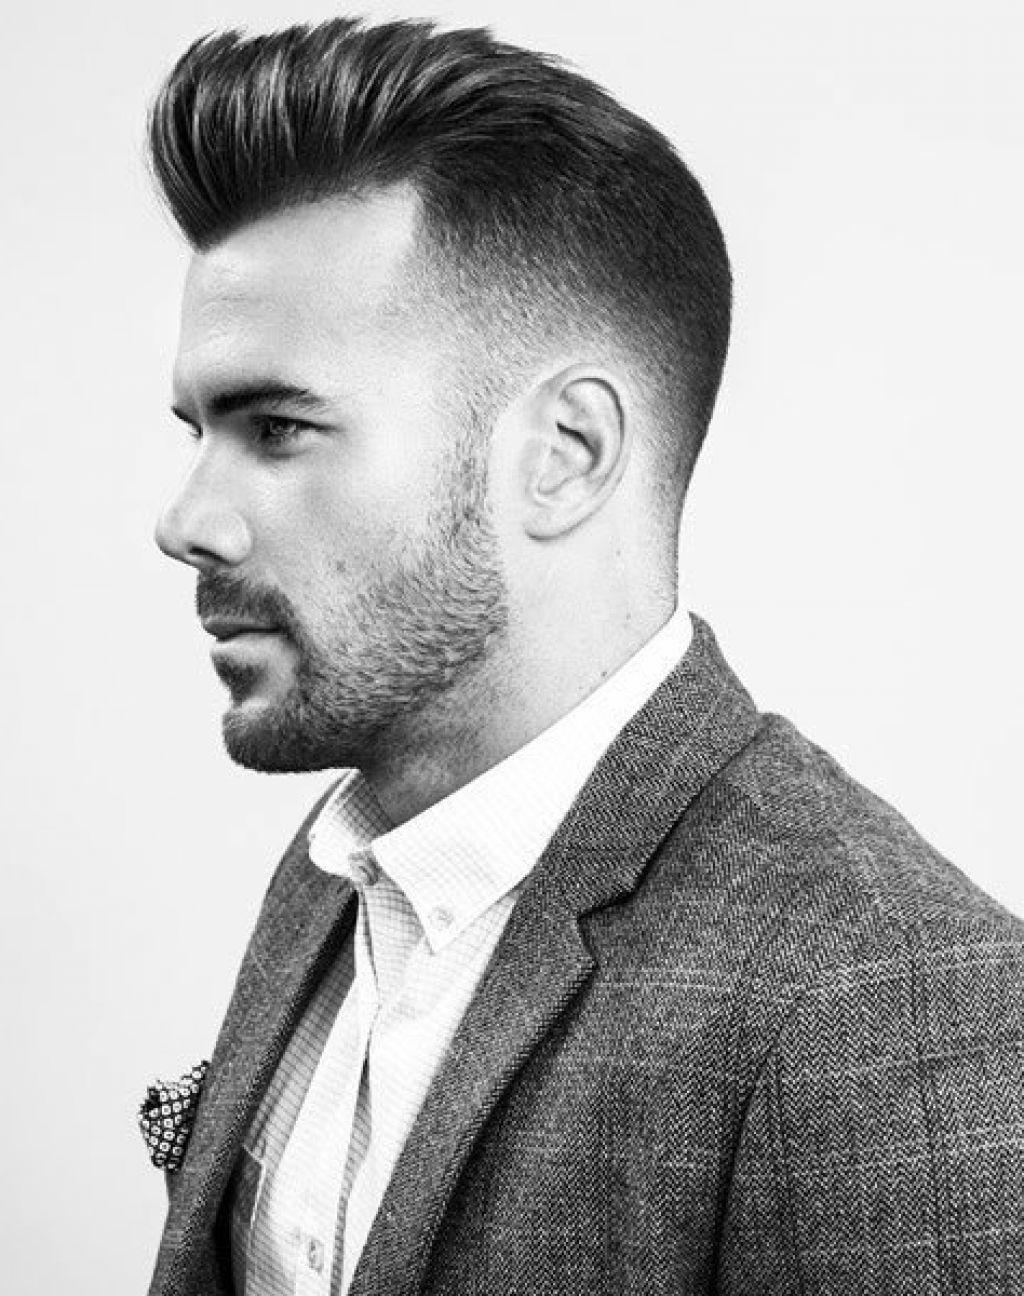 corte de pelo para hombres modernos con carcter